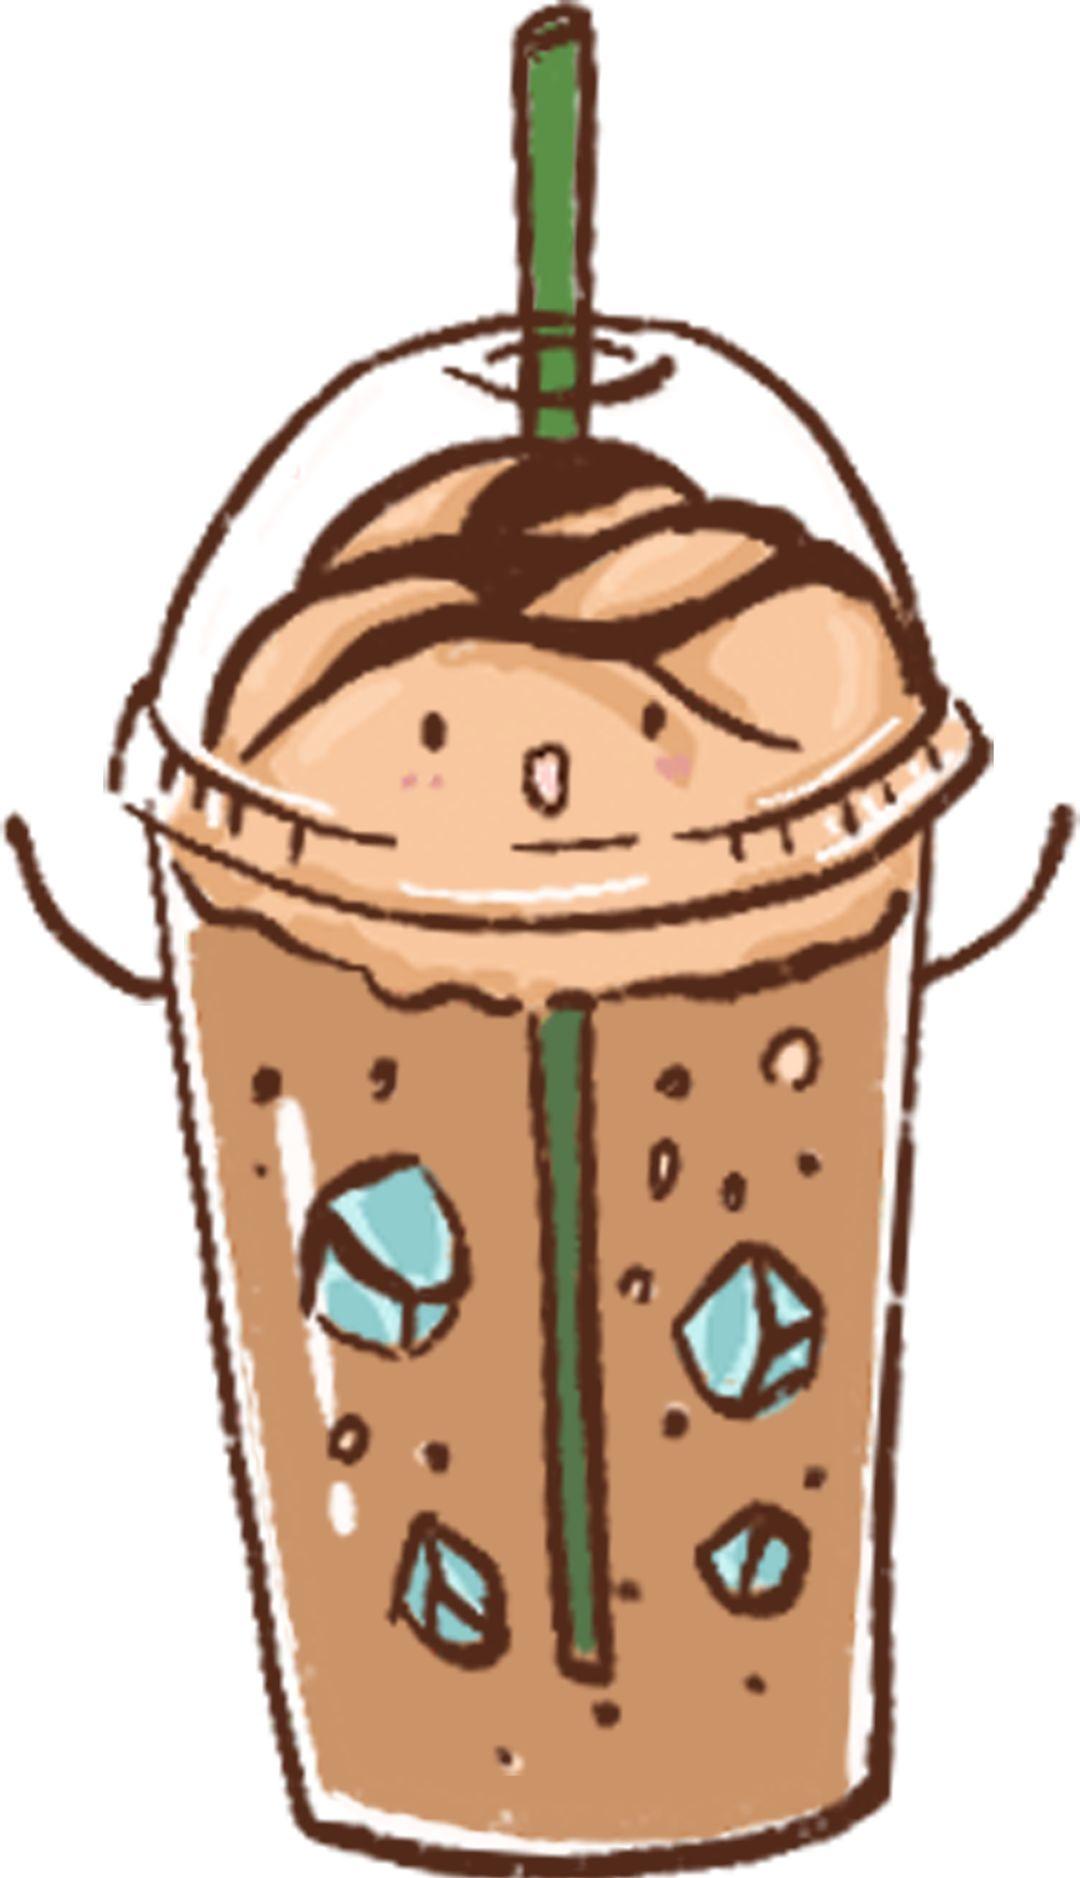 瑞幸咖啡发卡超级CP日|周五全场饮品买一送一